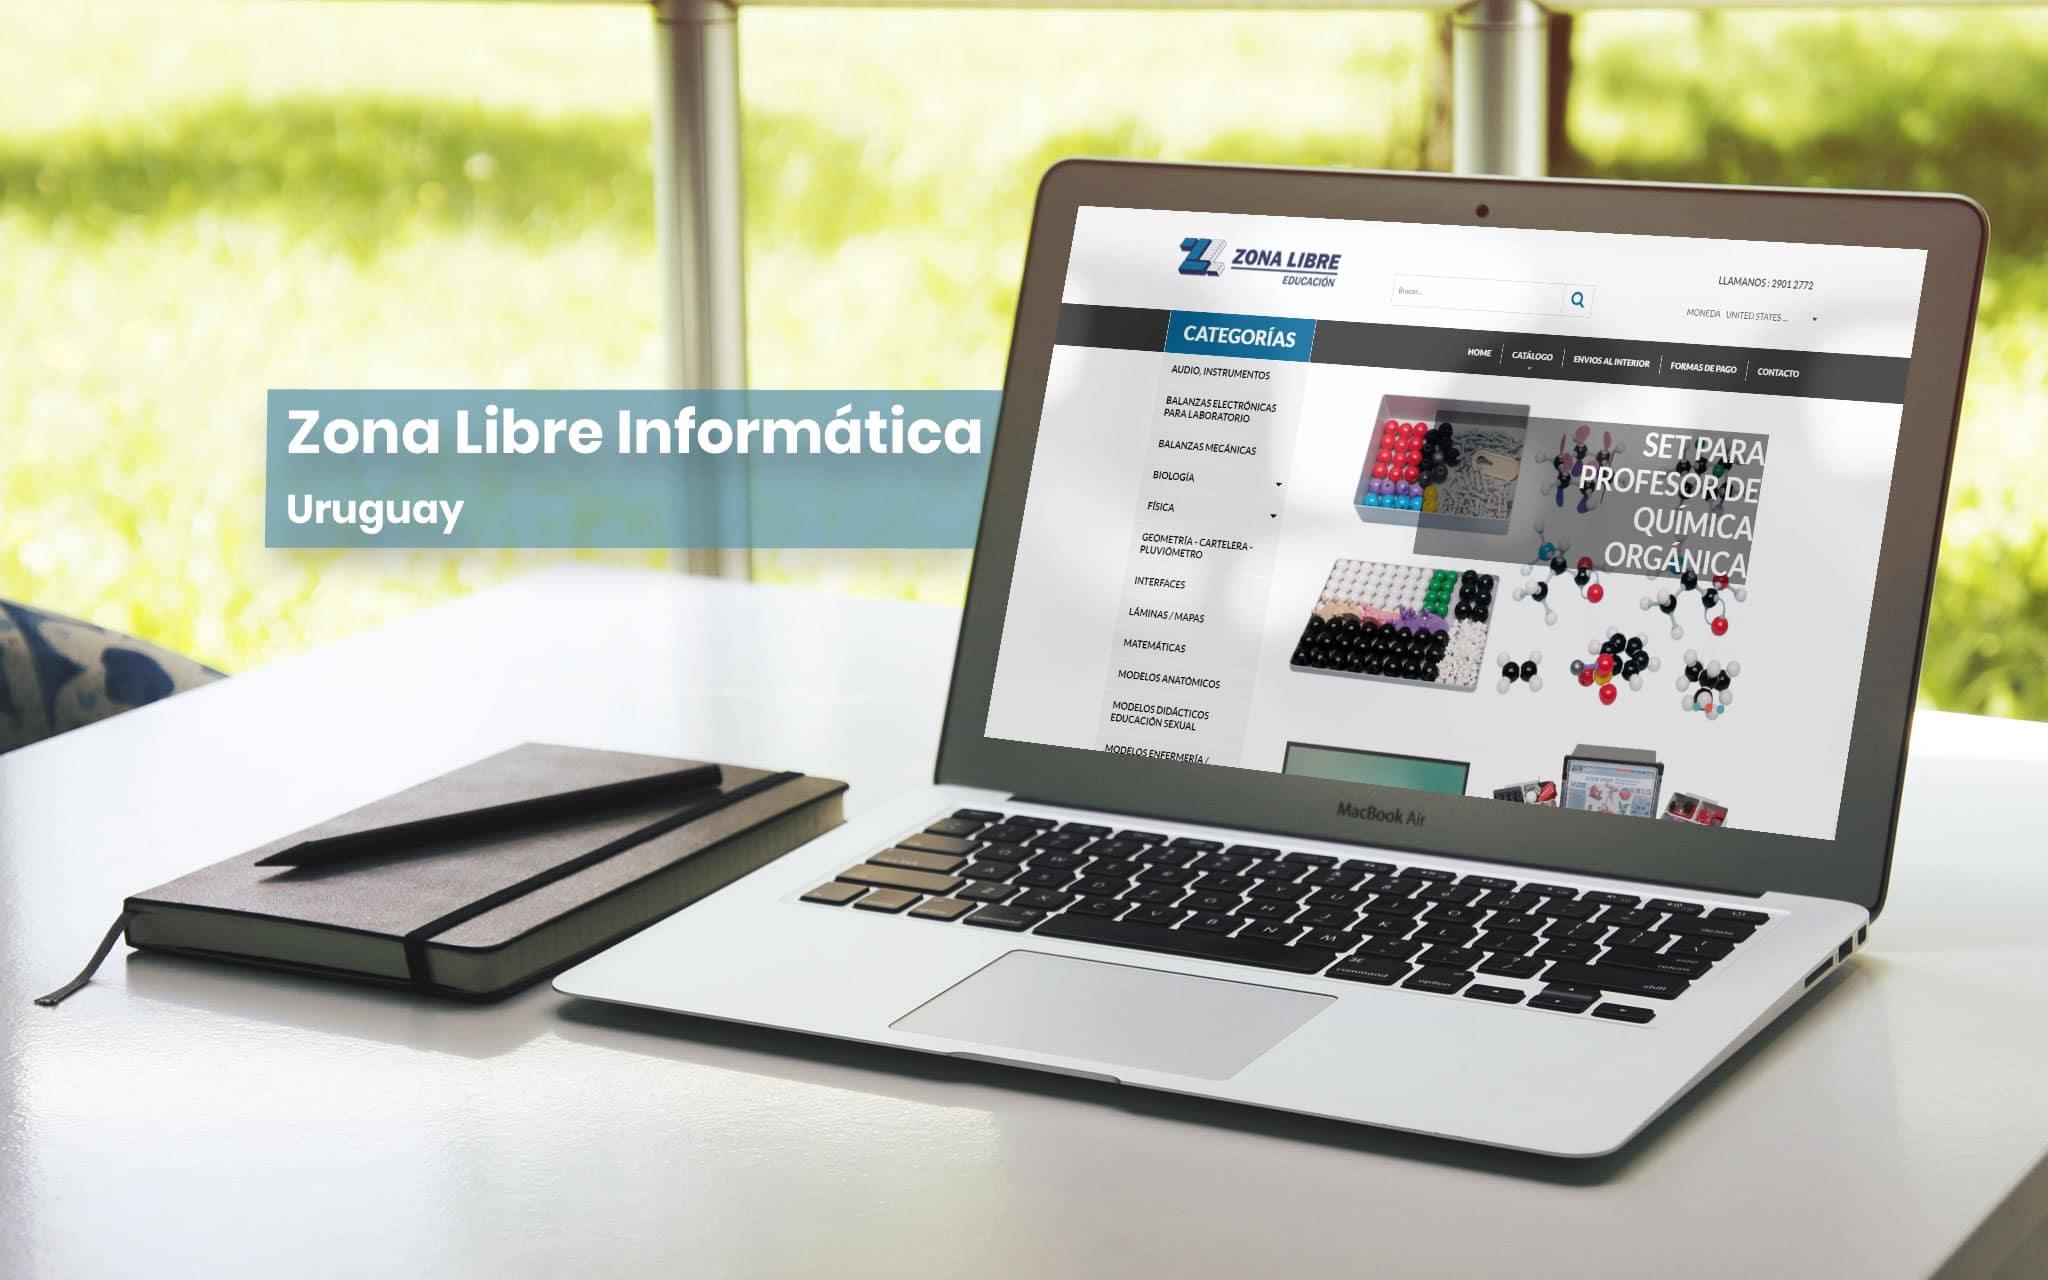 Zona Libre informática - Uruguay